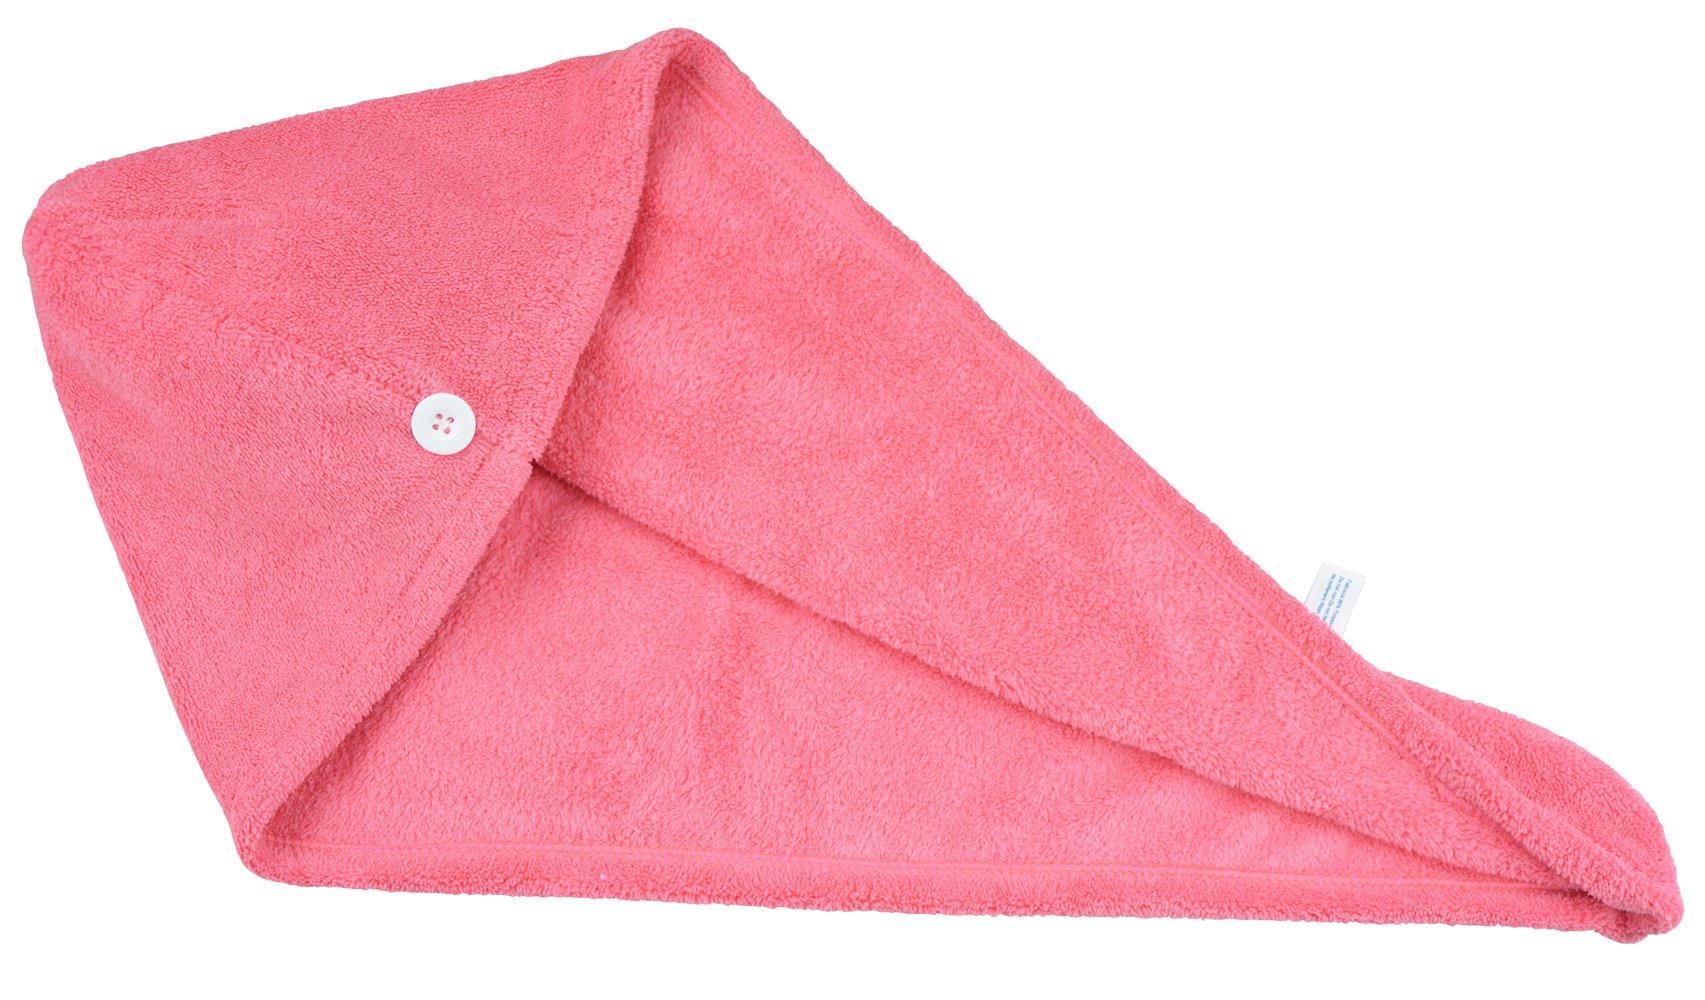 Accessoire Salle De Bain Rose Poudre ~ serviette de bain rose amazon fr